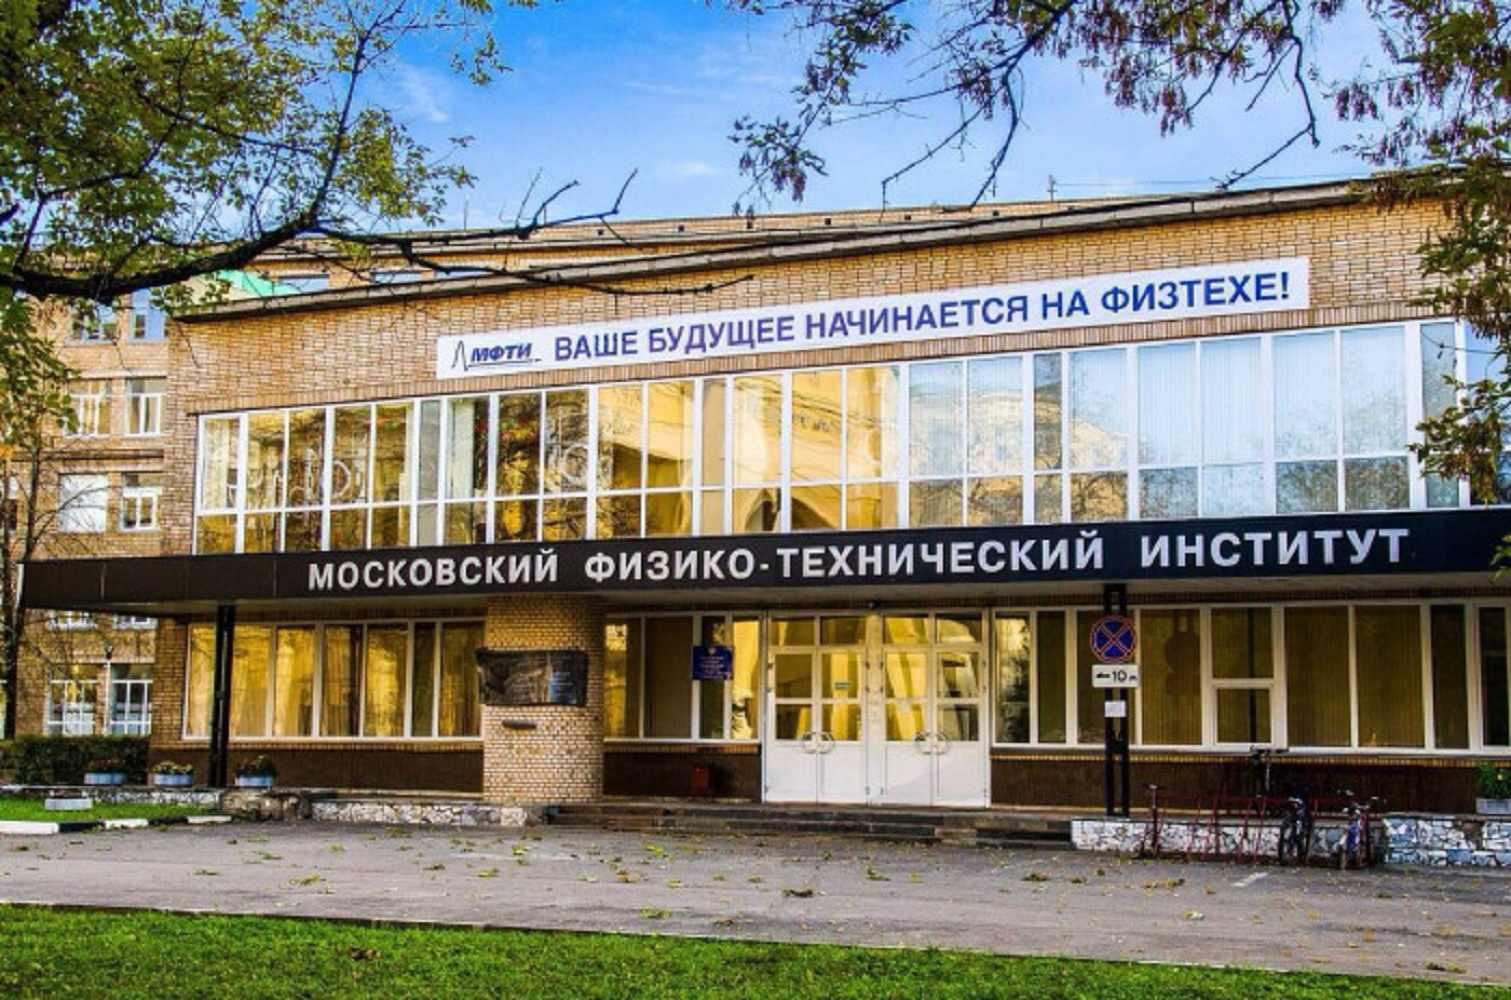 МФТИ – Московский физико-технический институт